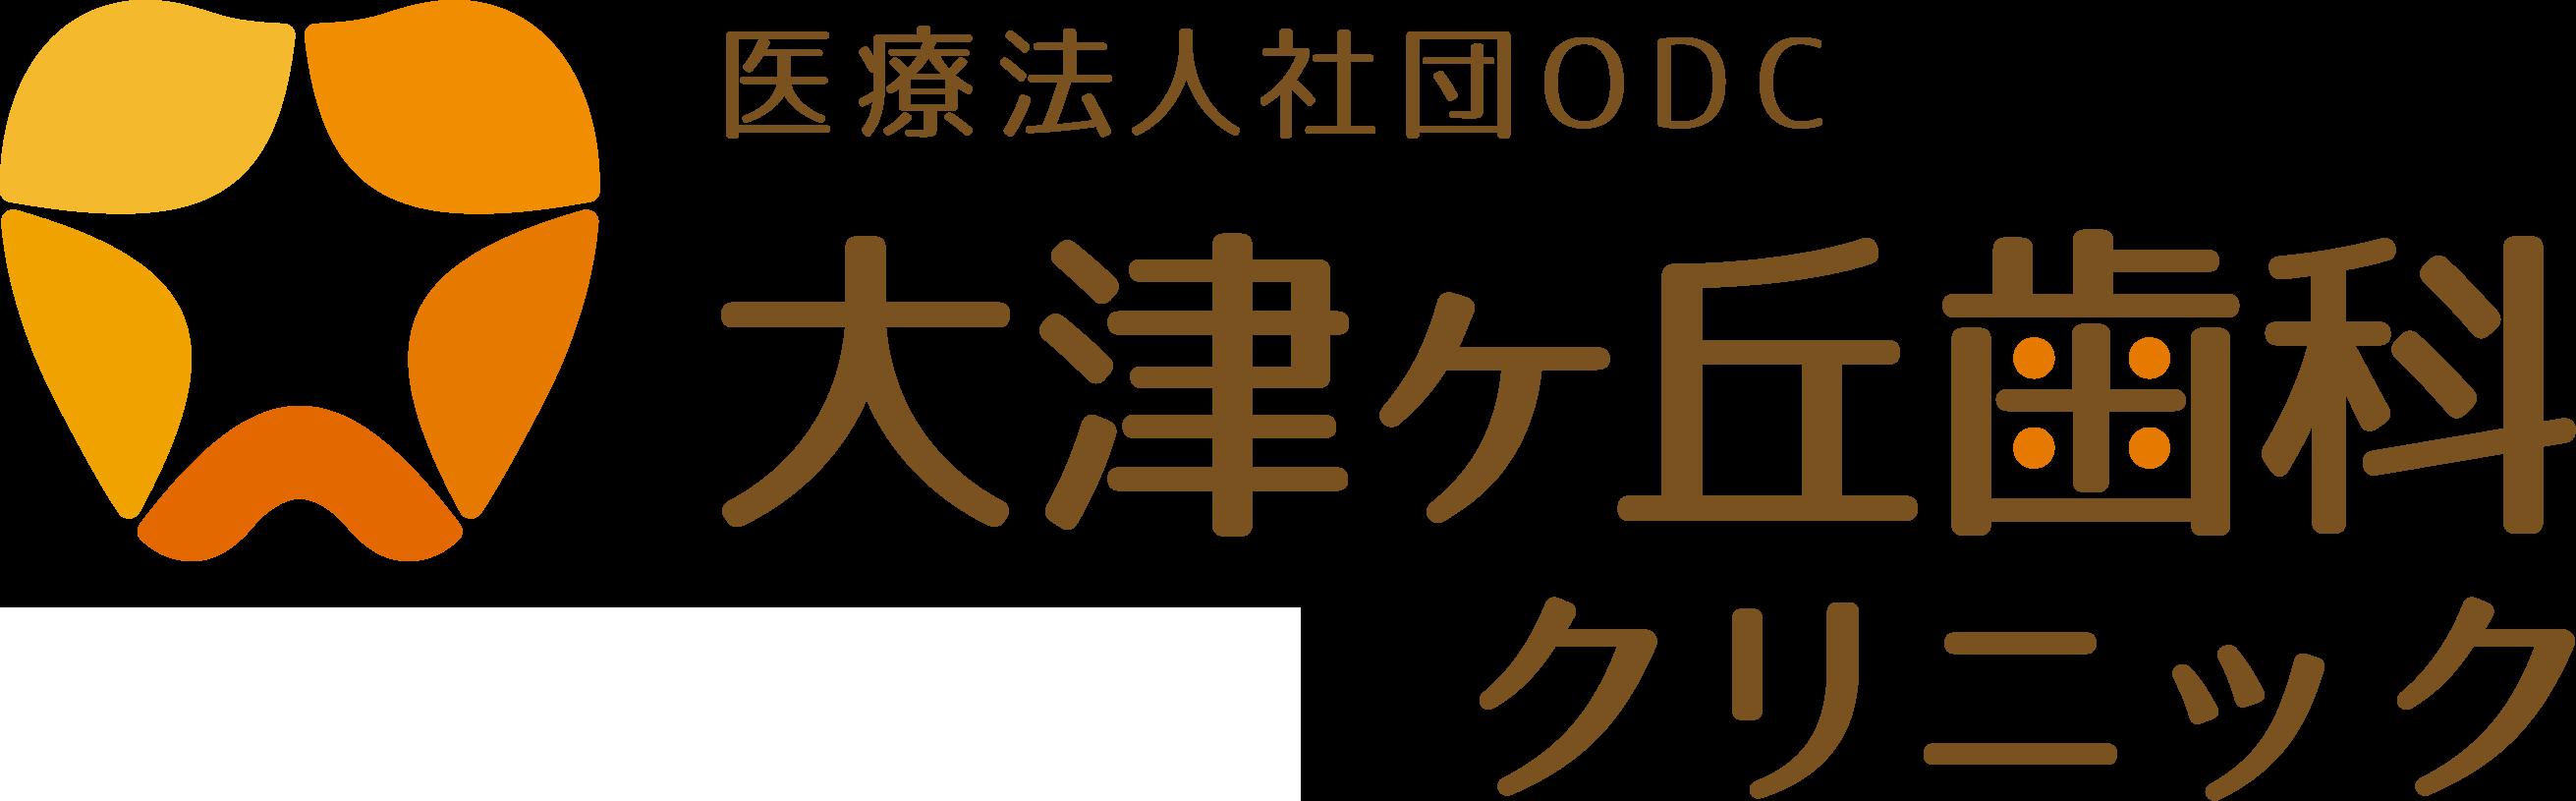 大津ヶ丘歯科クリニックロゴ